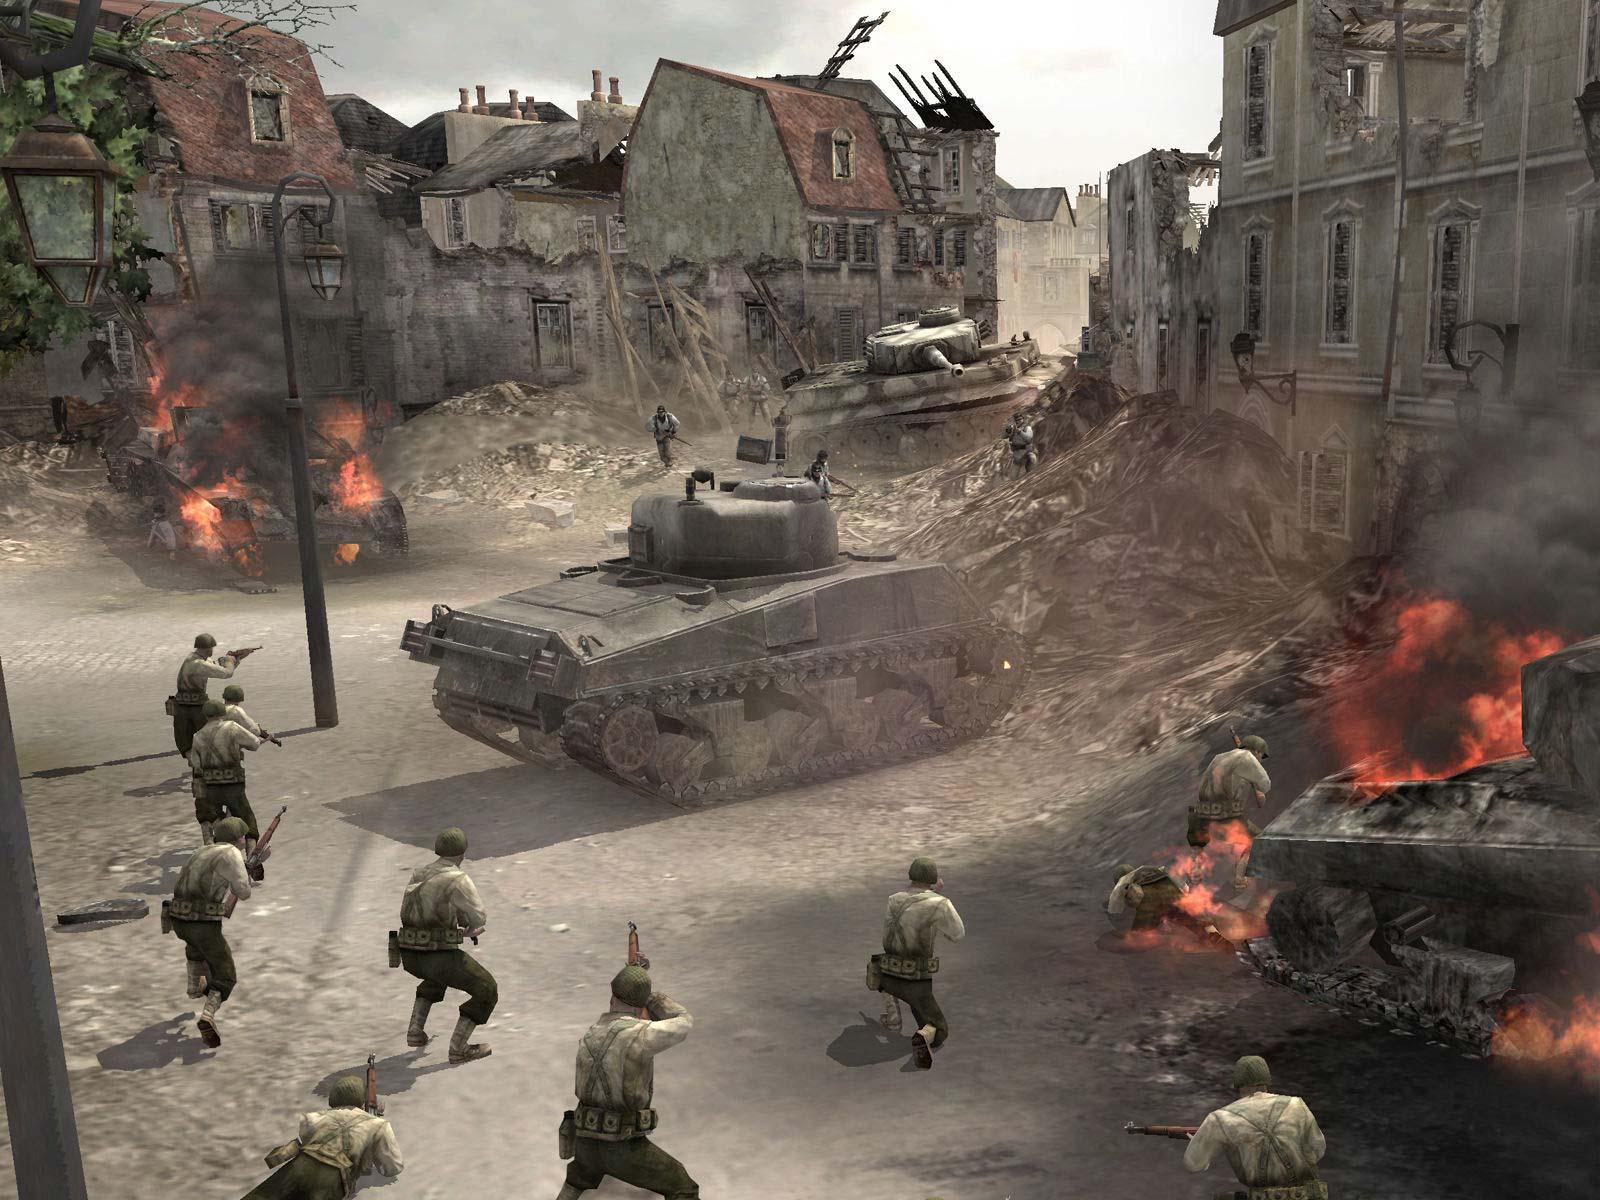 Game development ltd world war heroes - интересная экшен игрушка, которая отправит вас во времена второй мировой